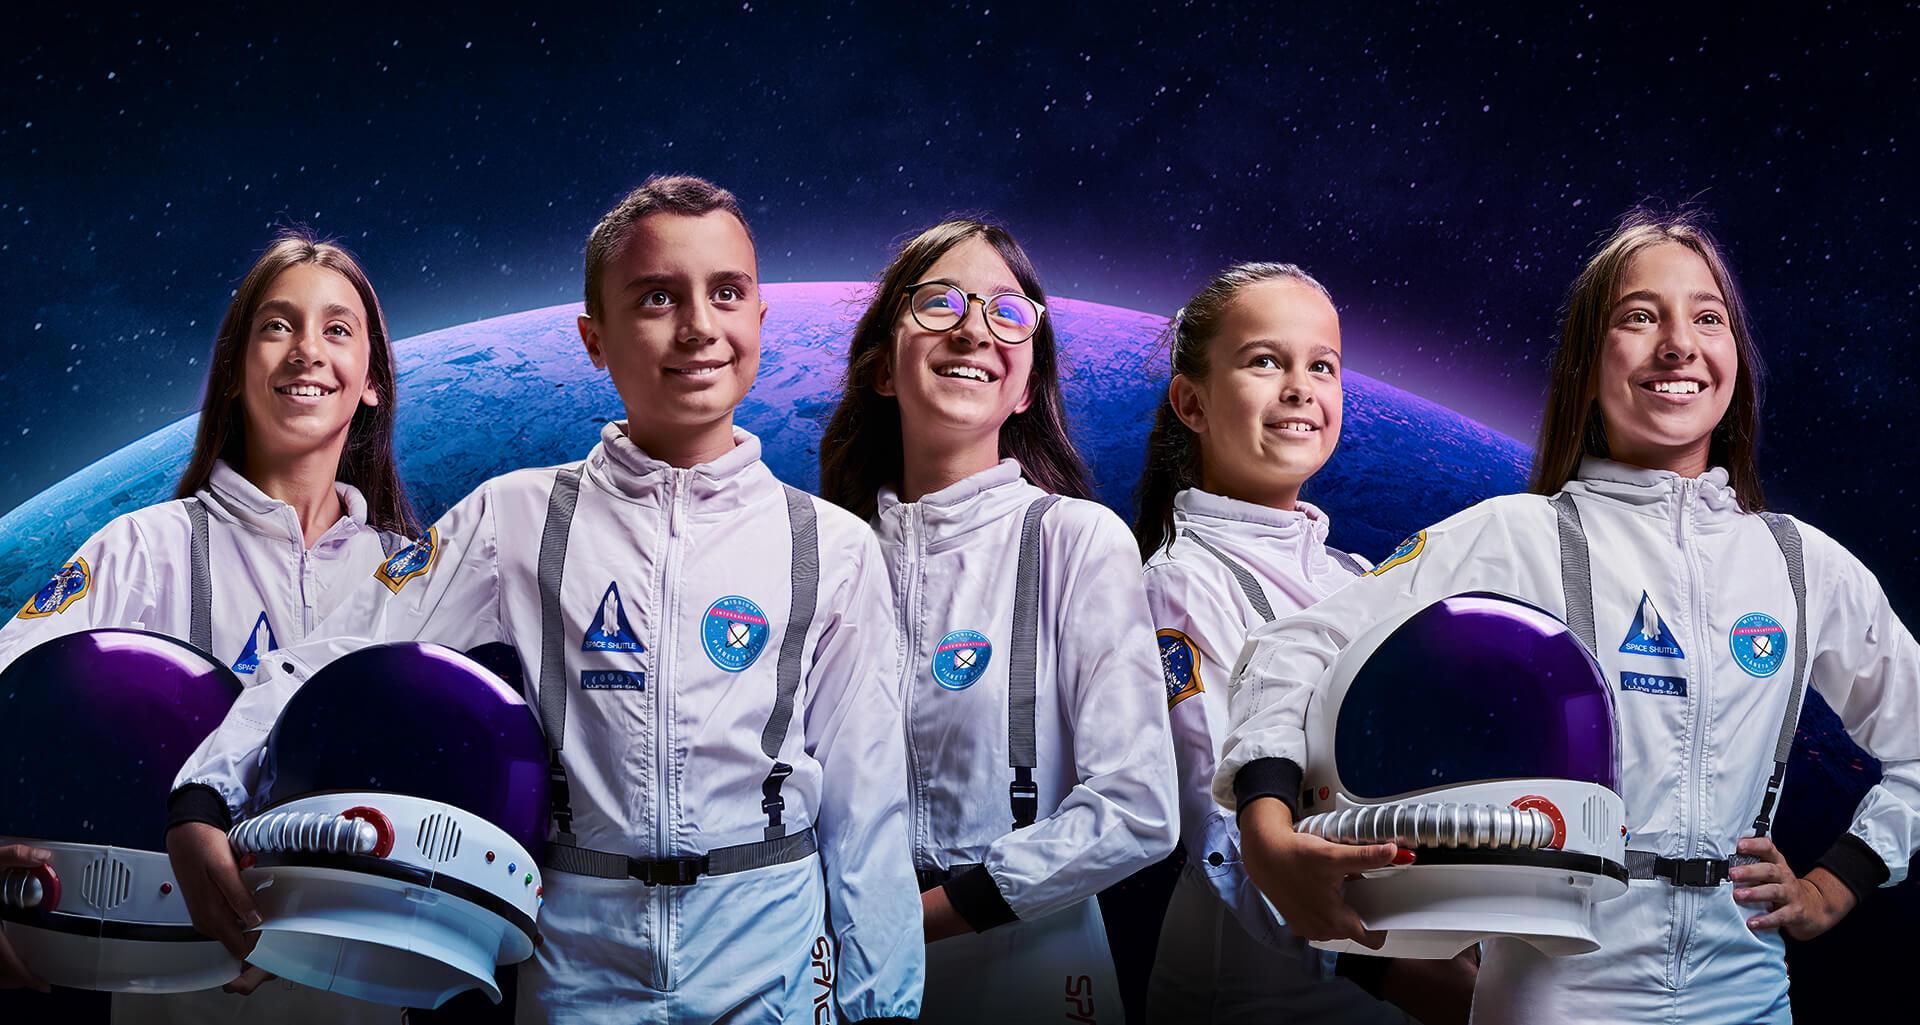 Gruppo di astronauti per la campagna